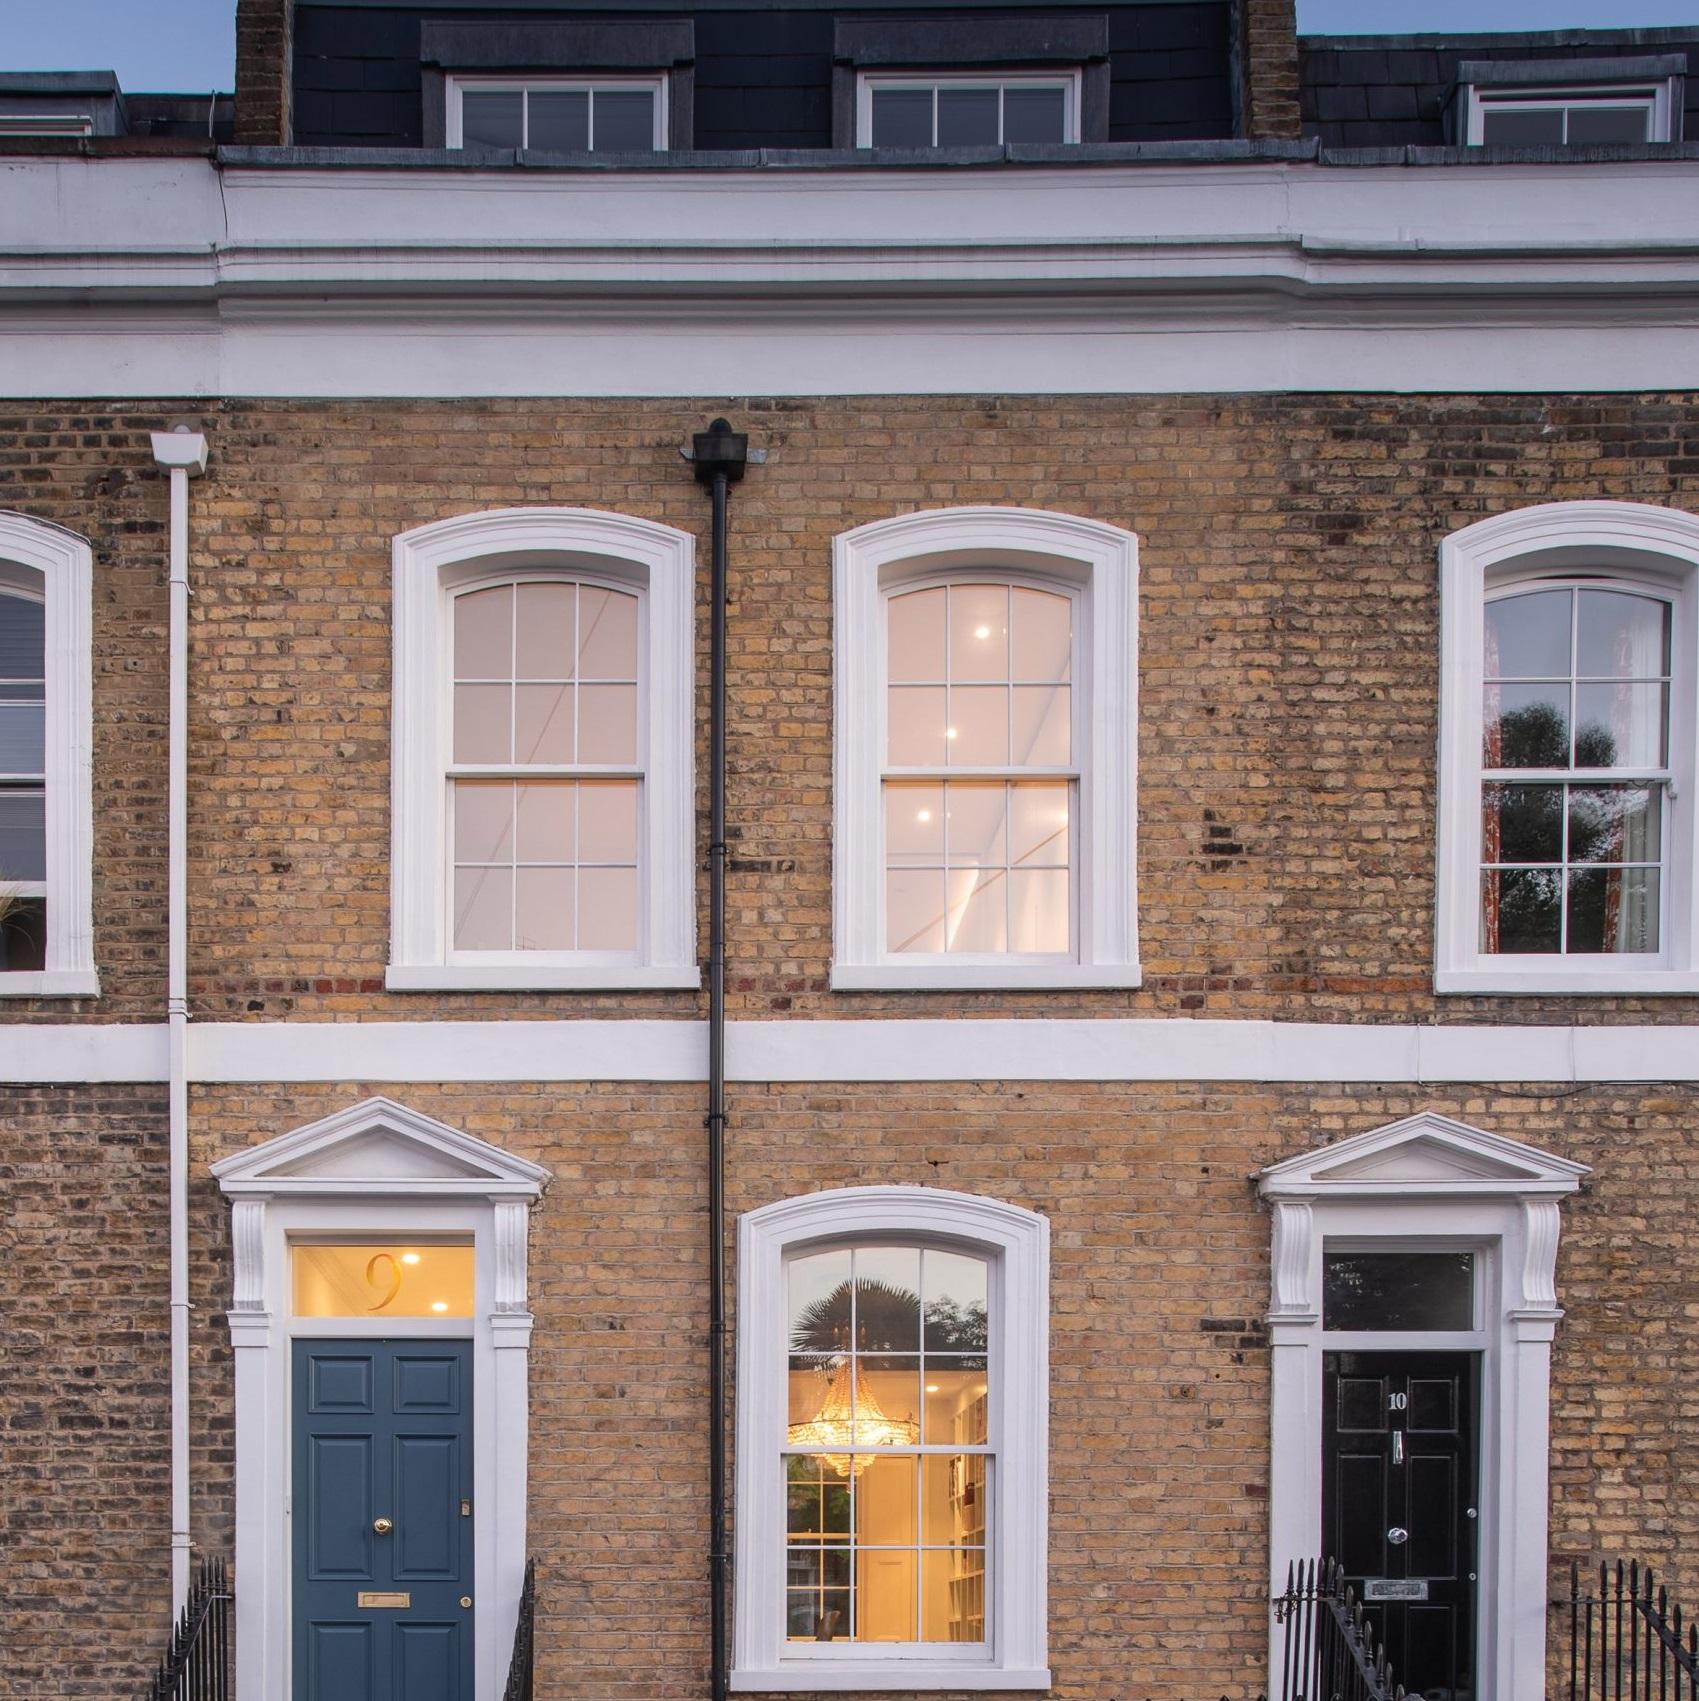 Es una casa clásica, de estilo victoriano